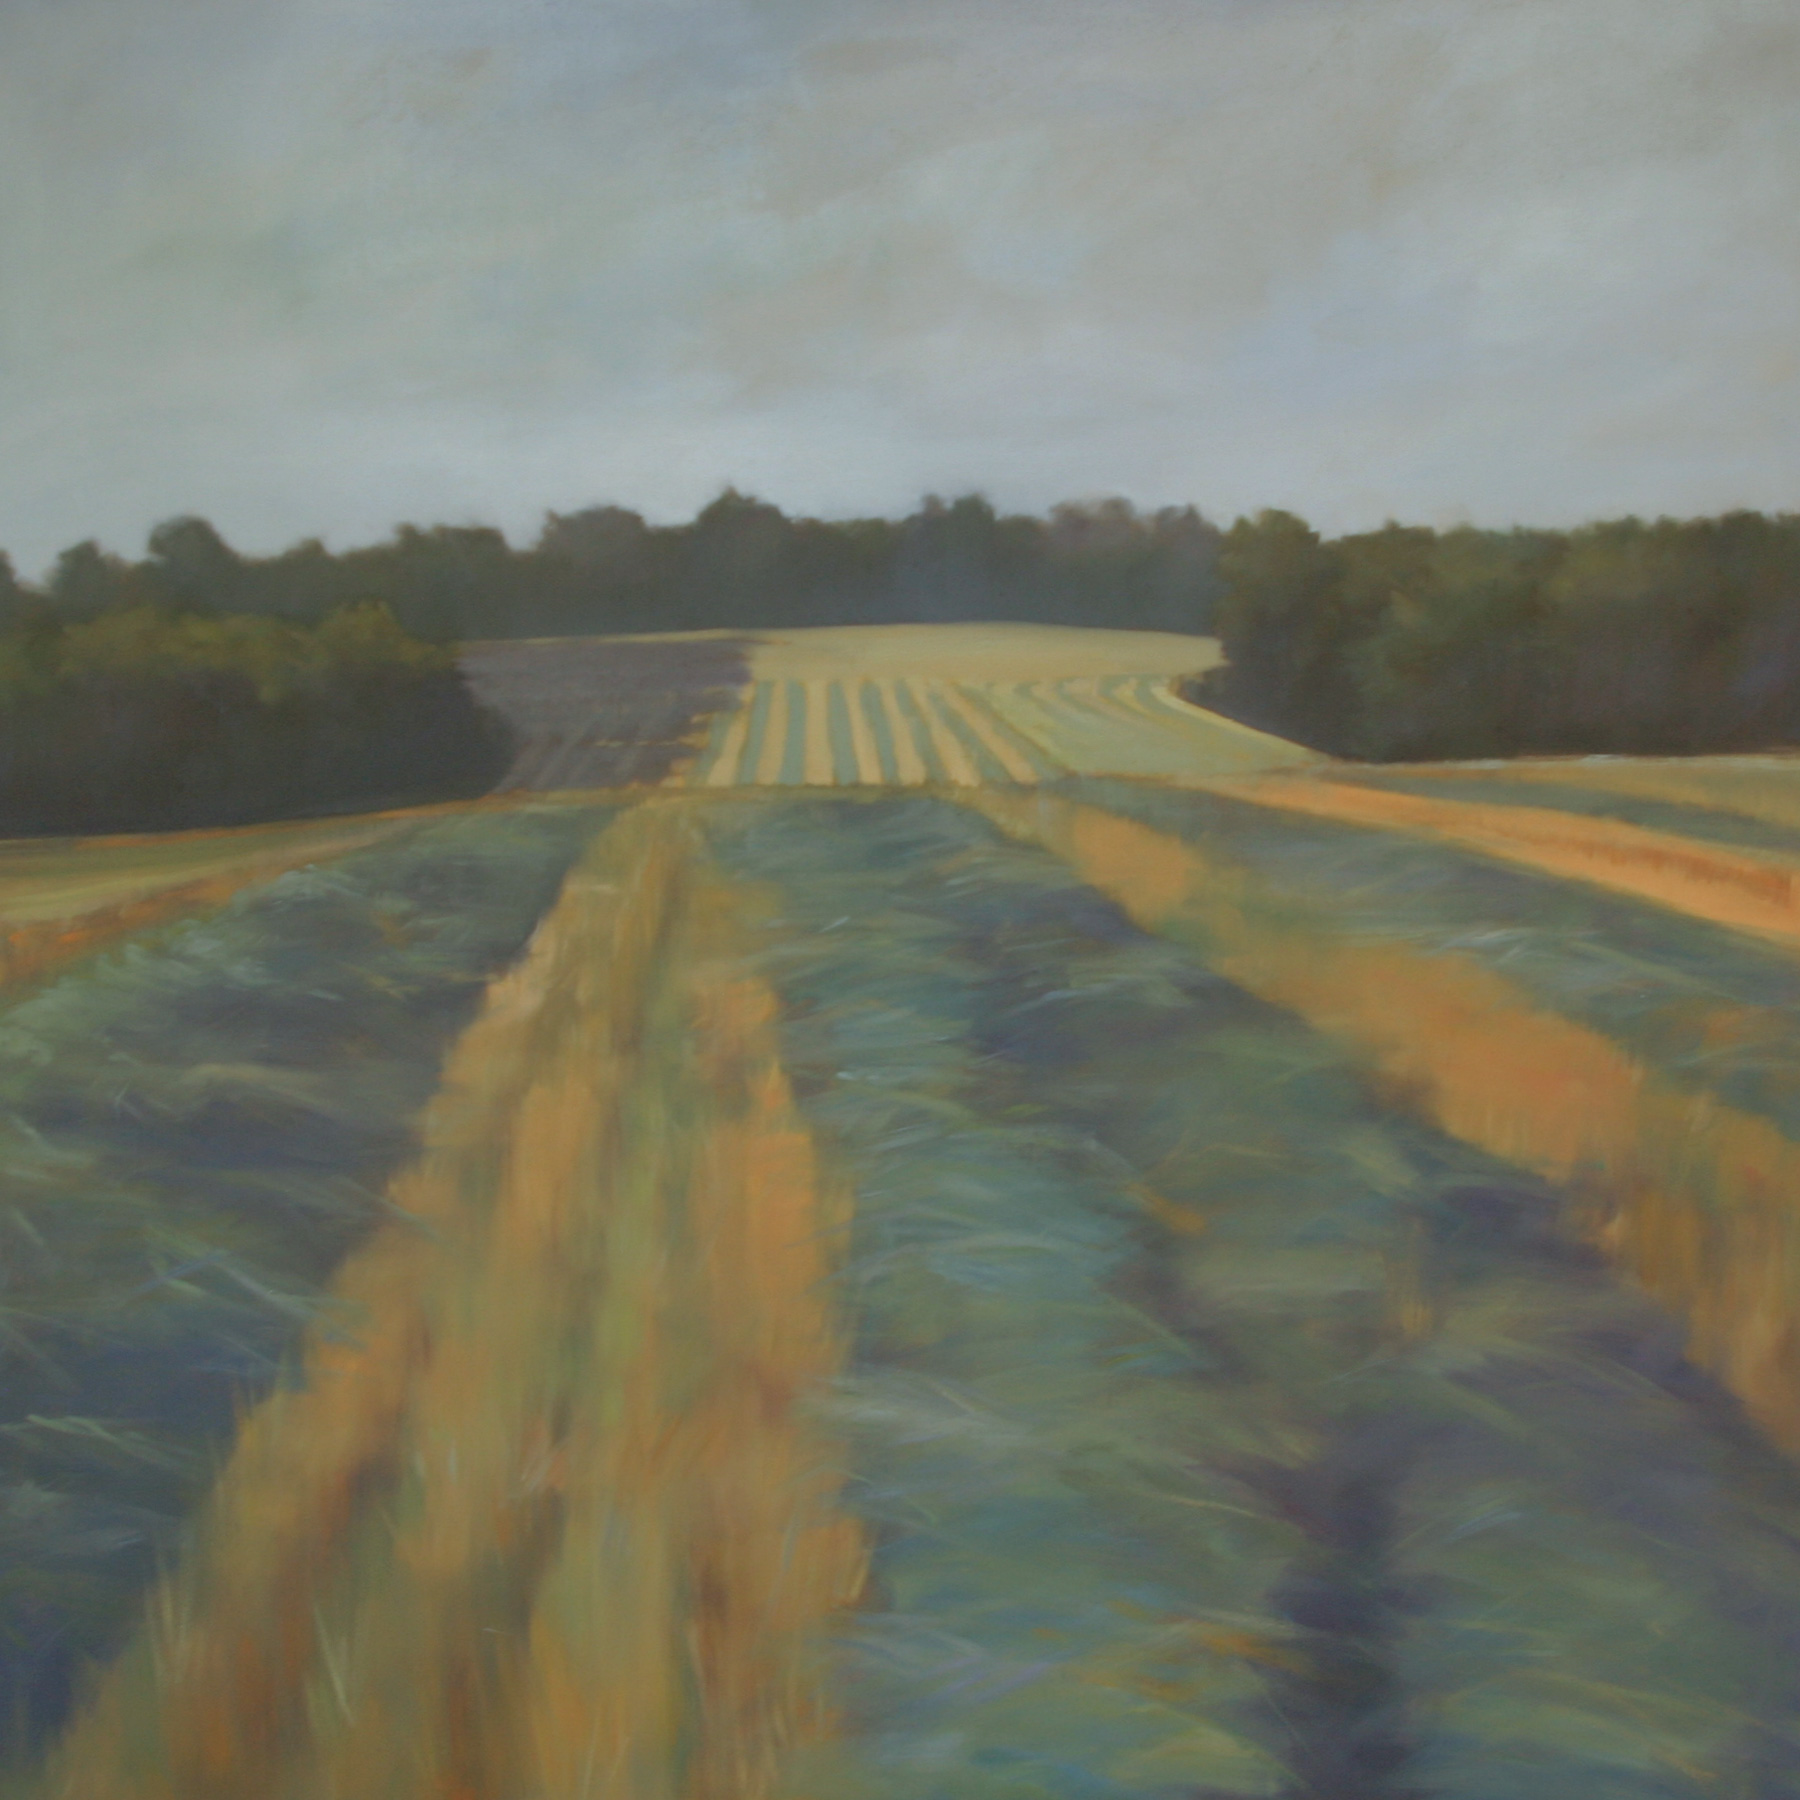 Buxton Farm, 48x48 inches